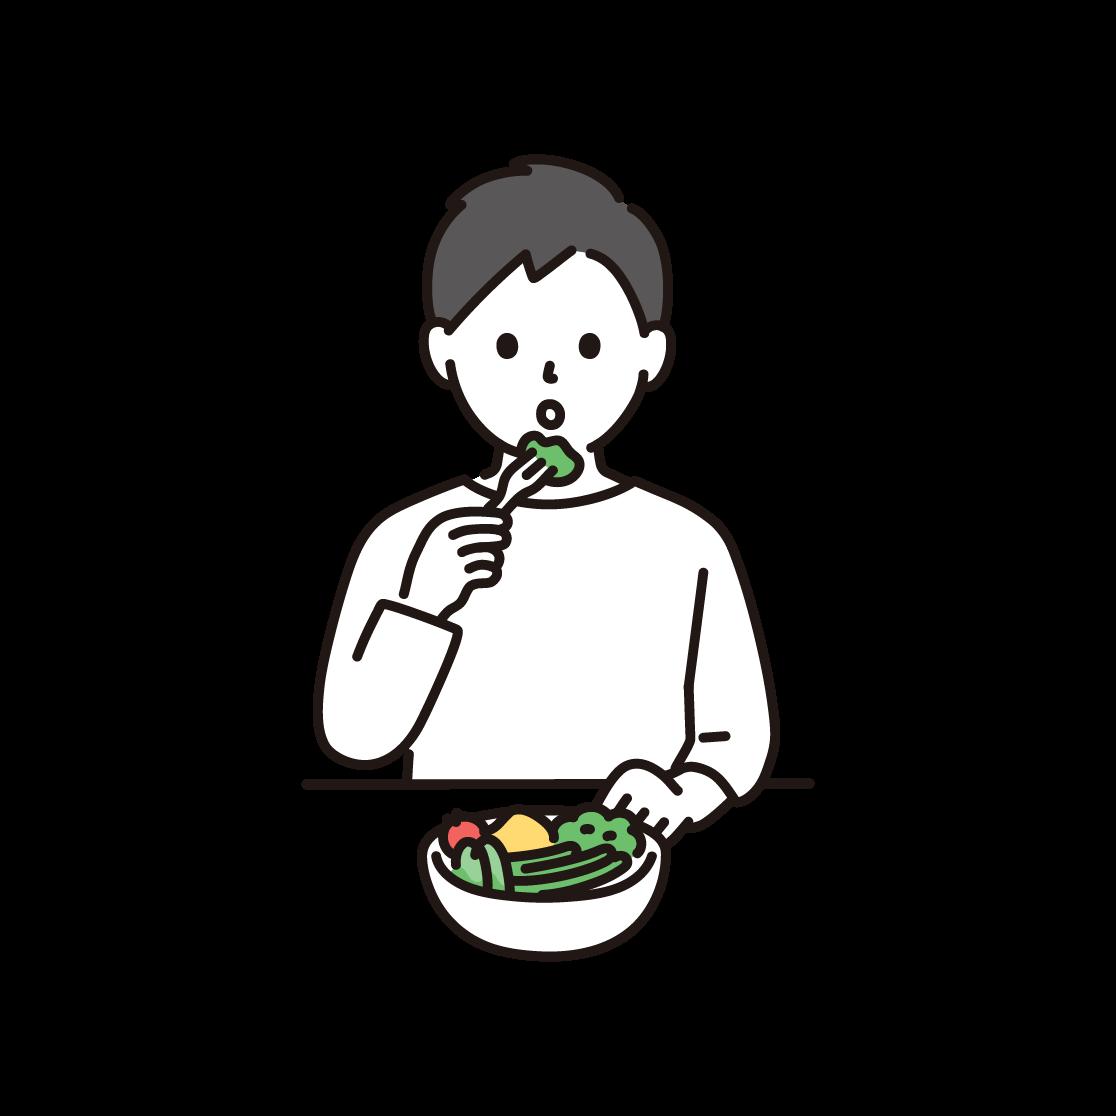 食事制限をする男性